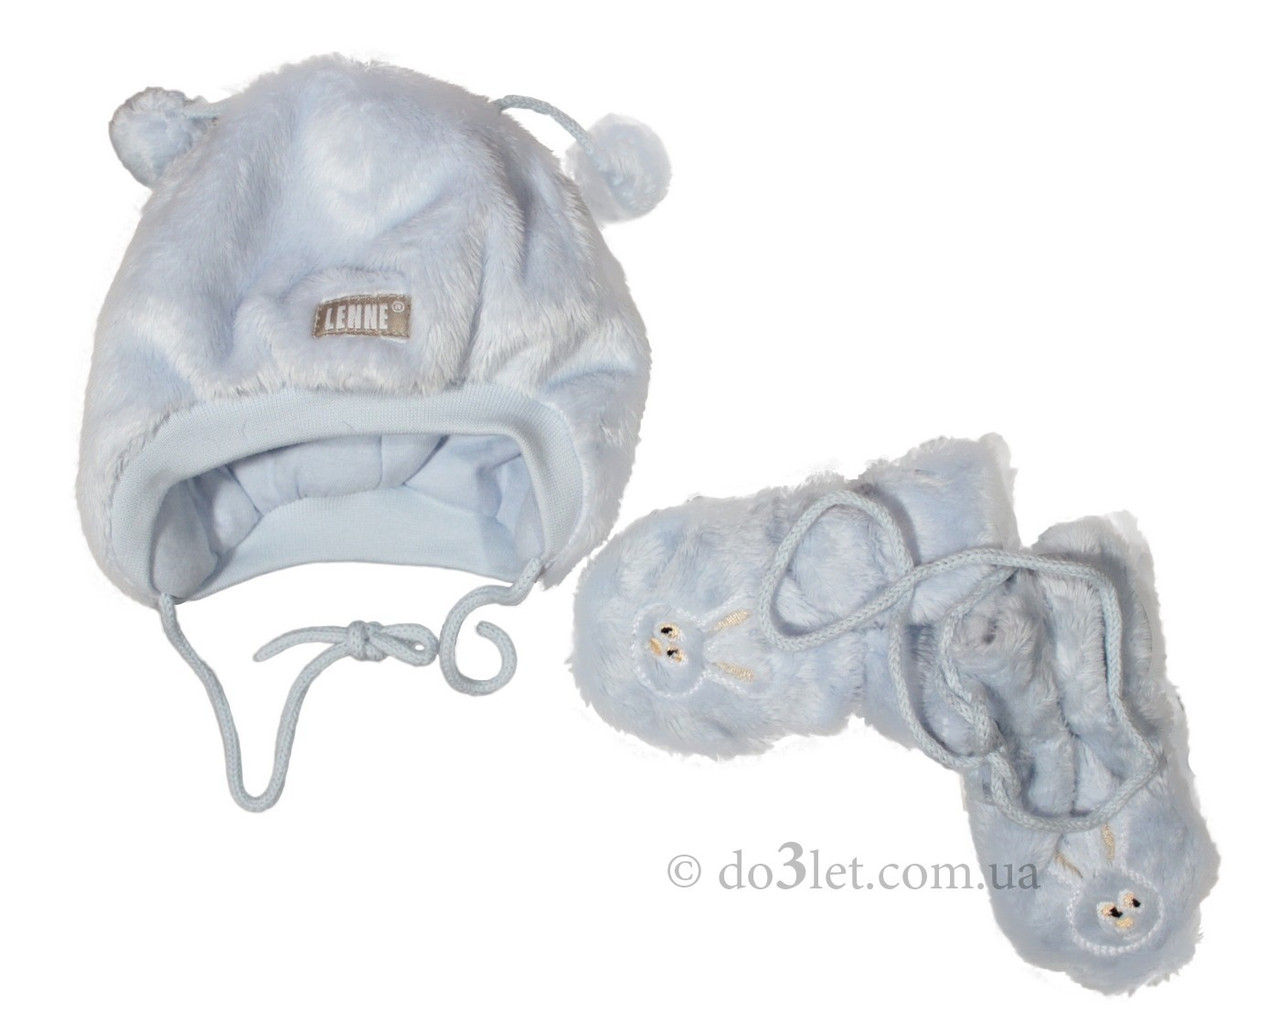 Набор Lenne Boone голубой 14371_400 р.40 - DetiTop.com - интернет магазин детских товаров в Харькове